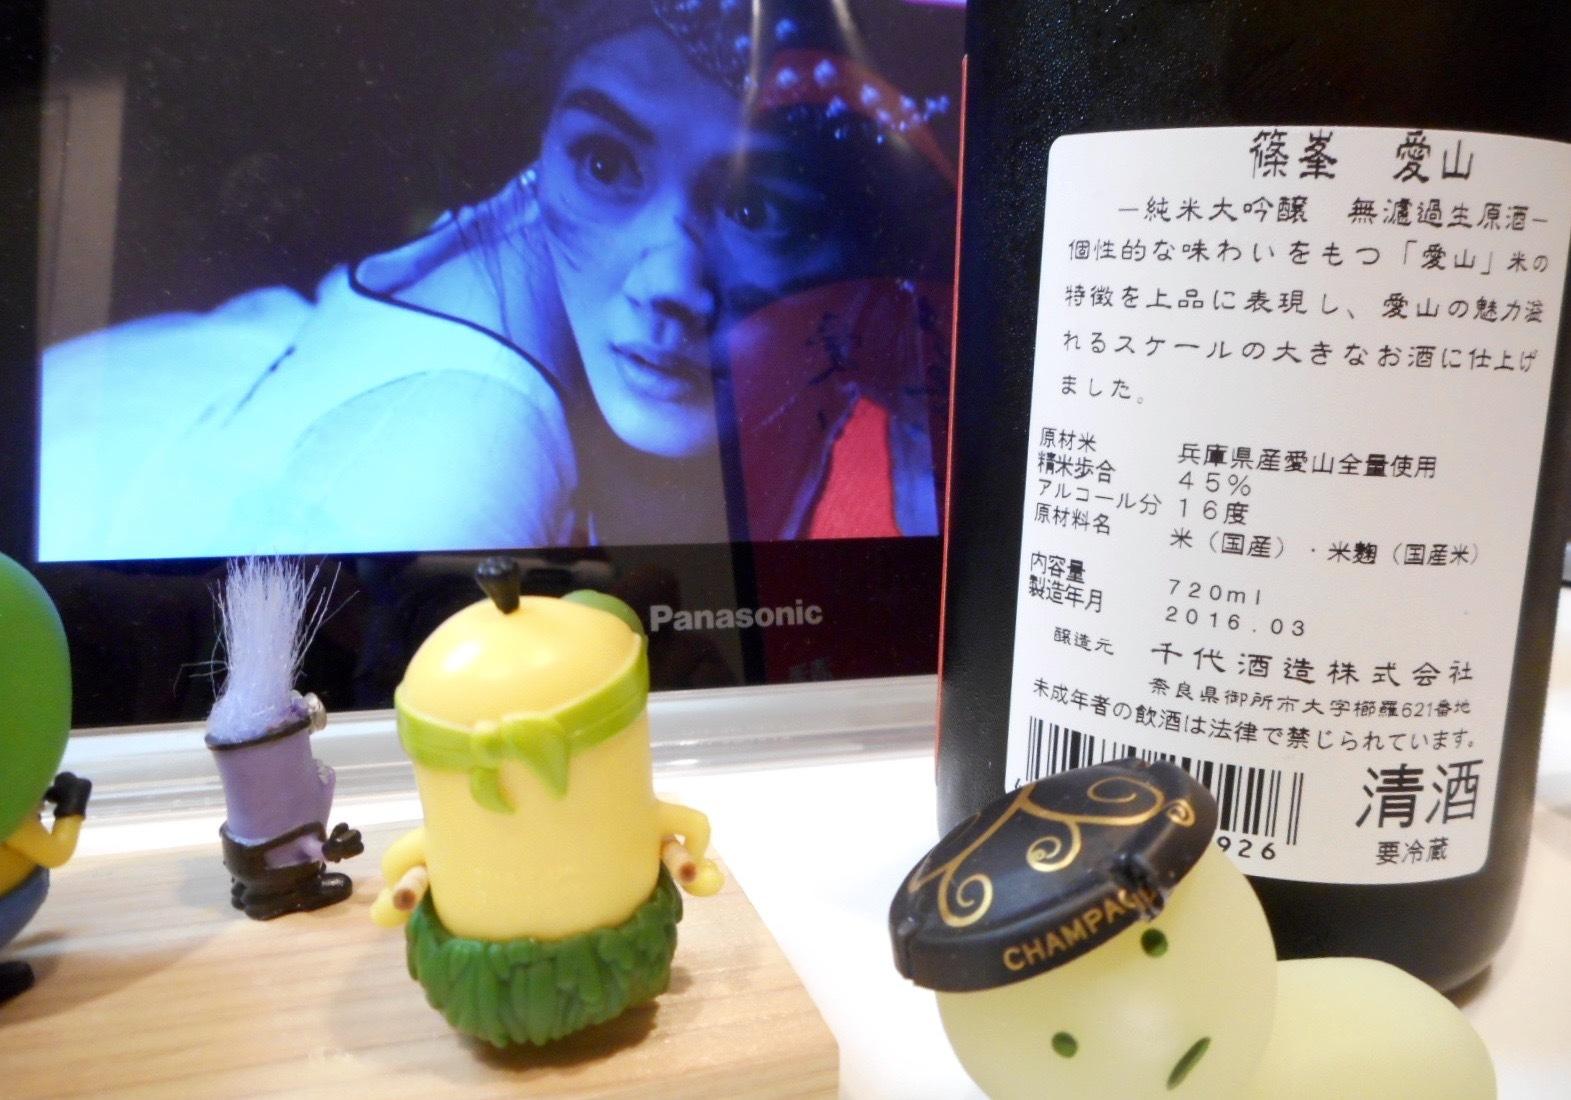 shinomine_aiyama45nama27by2.jpg